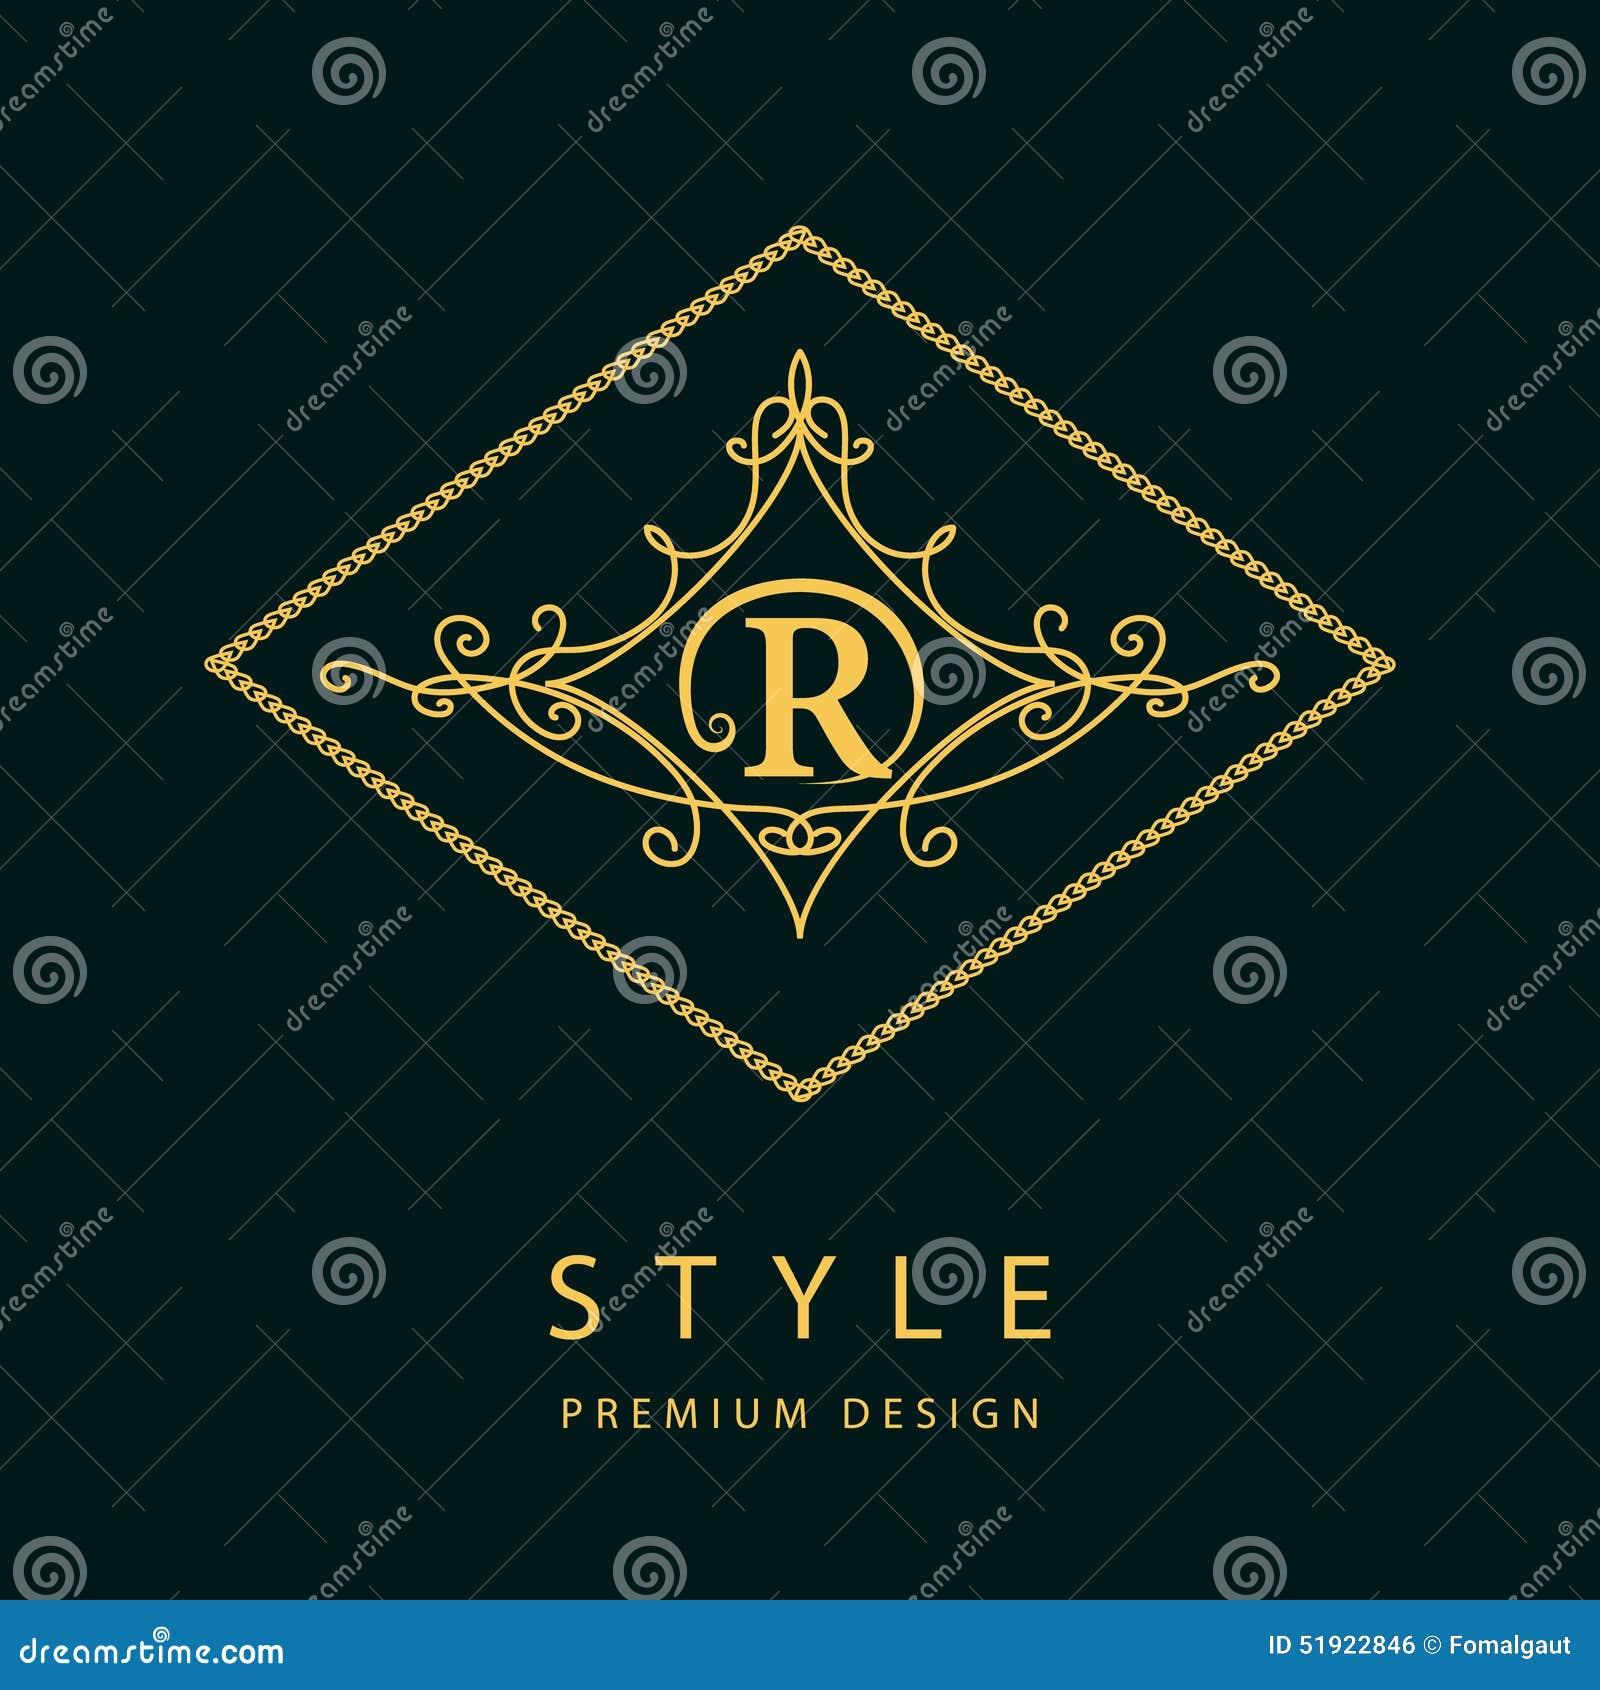 Элементы дизайна вензеля, грациозно шаблон Элегантная линия дизайн логотипа искусства письмо r эмблема также вектор иллюстрации п